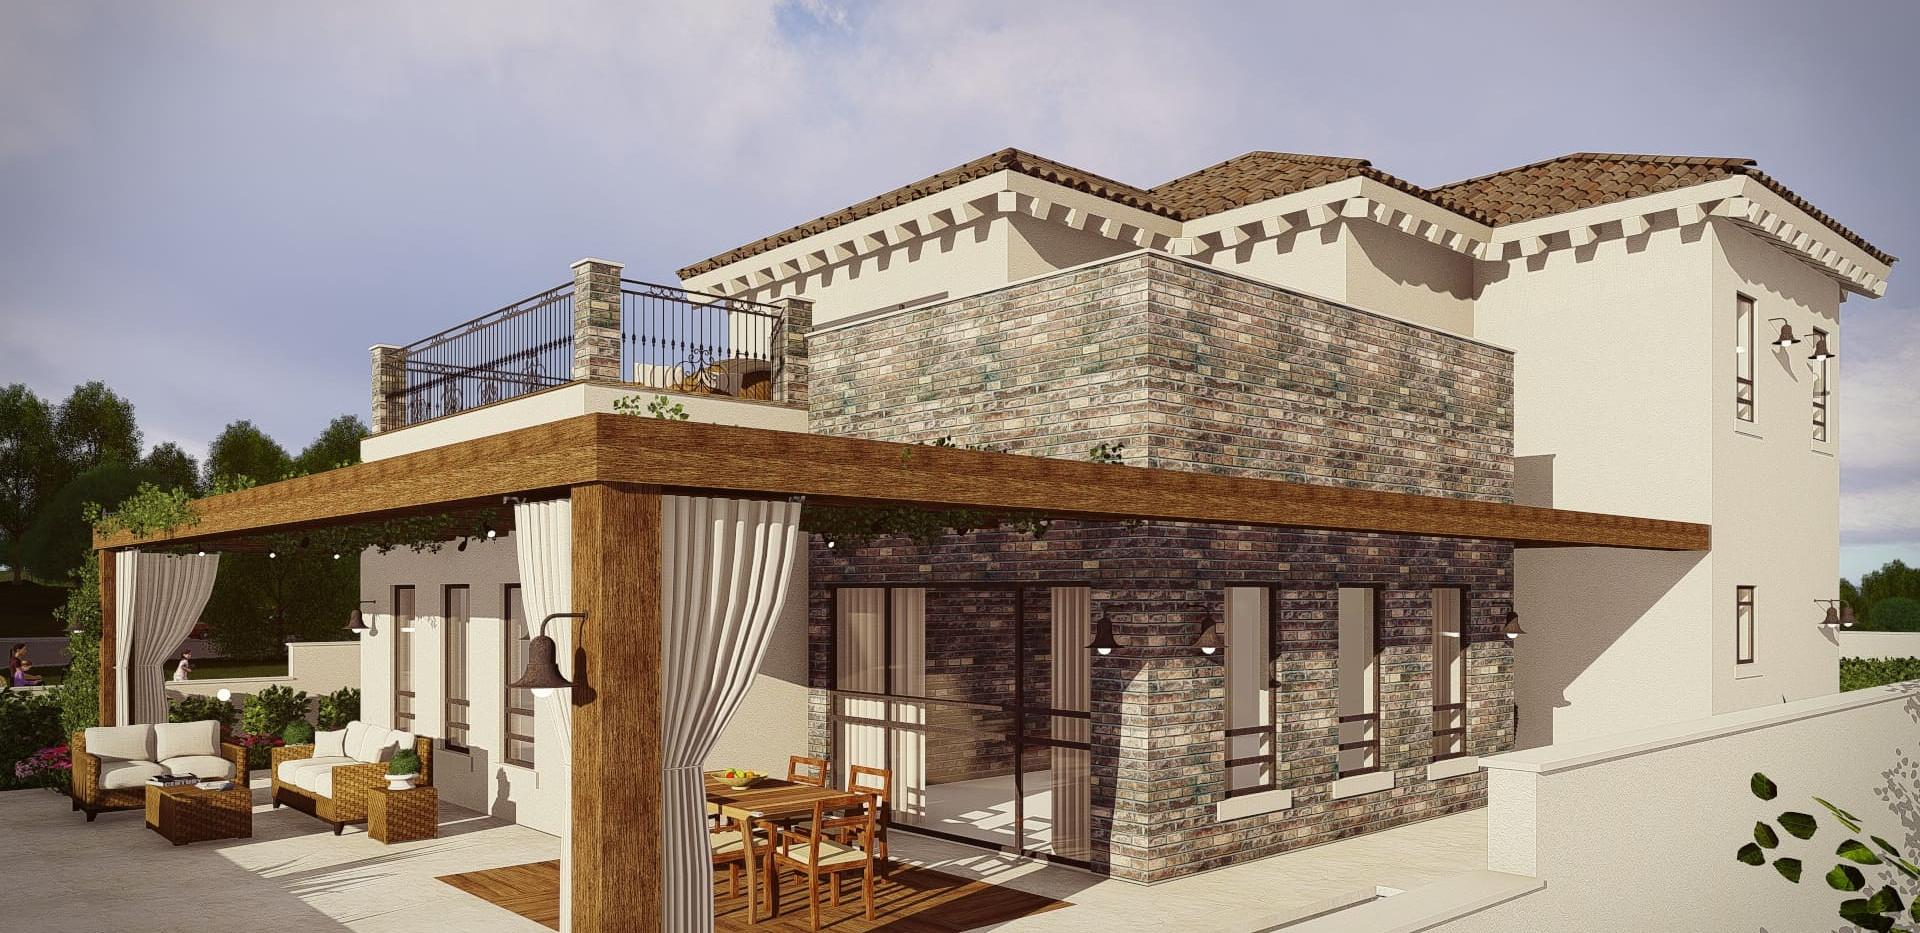 אדריכלות ועיצוב פנים במשמר דוד